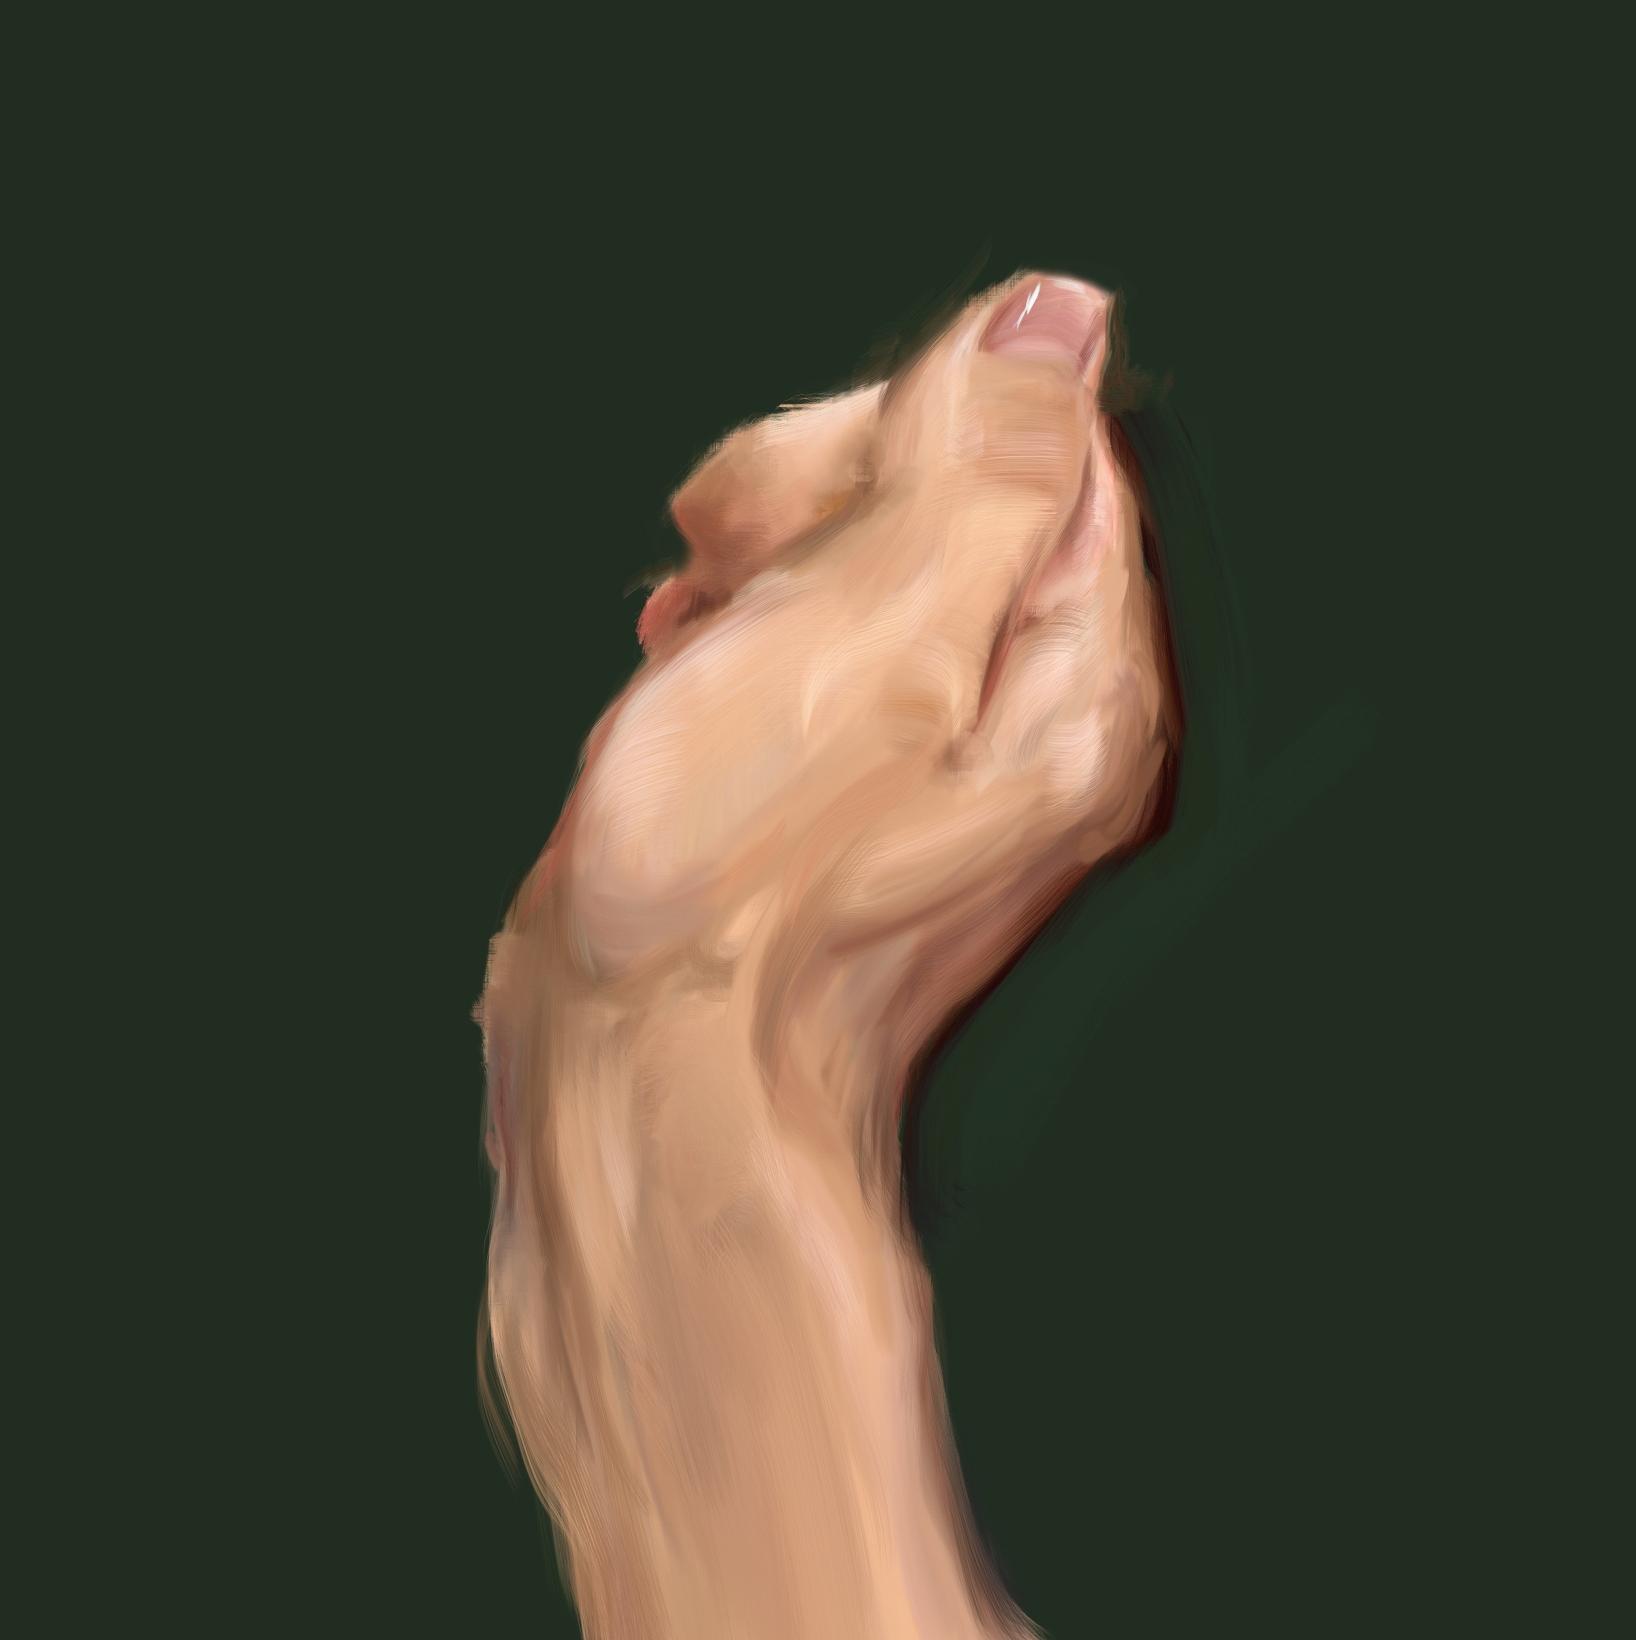 ejemplo Ilustración manos